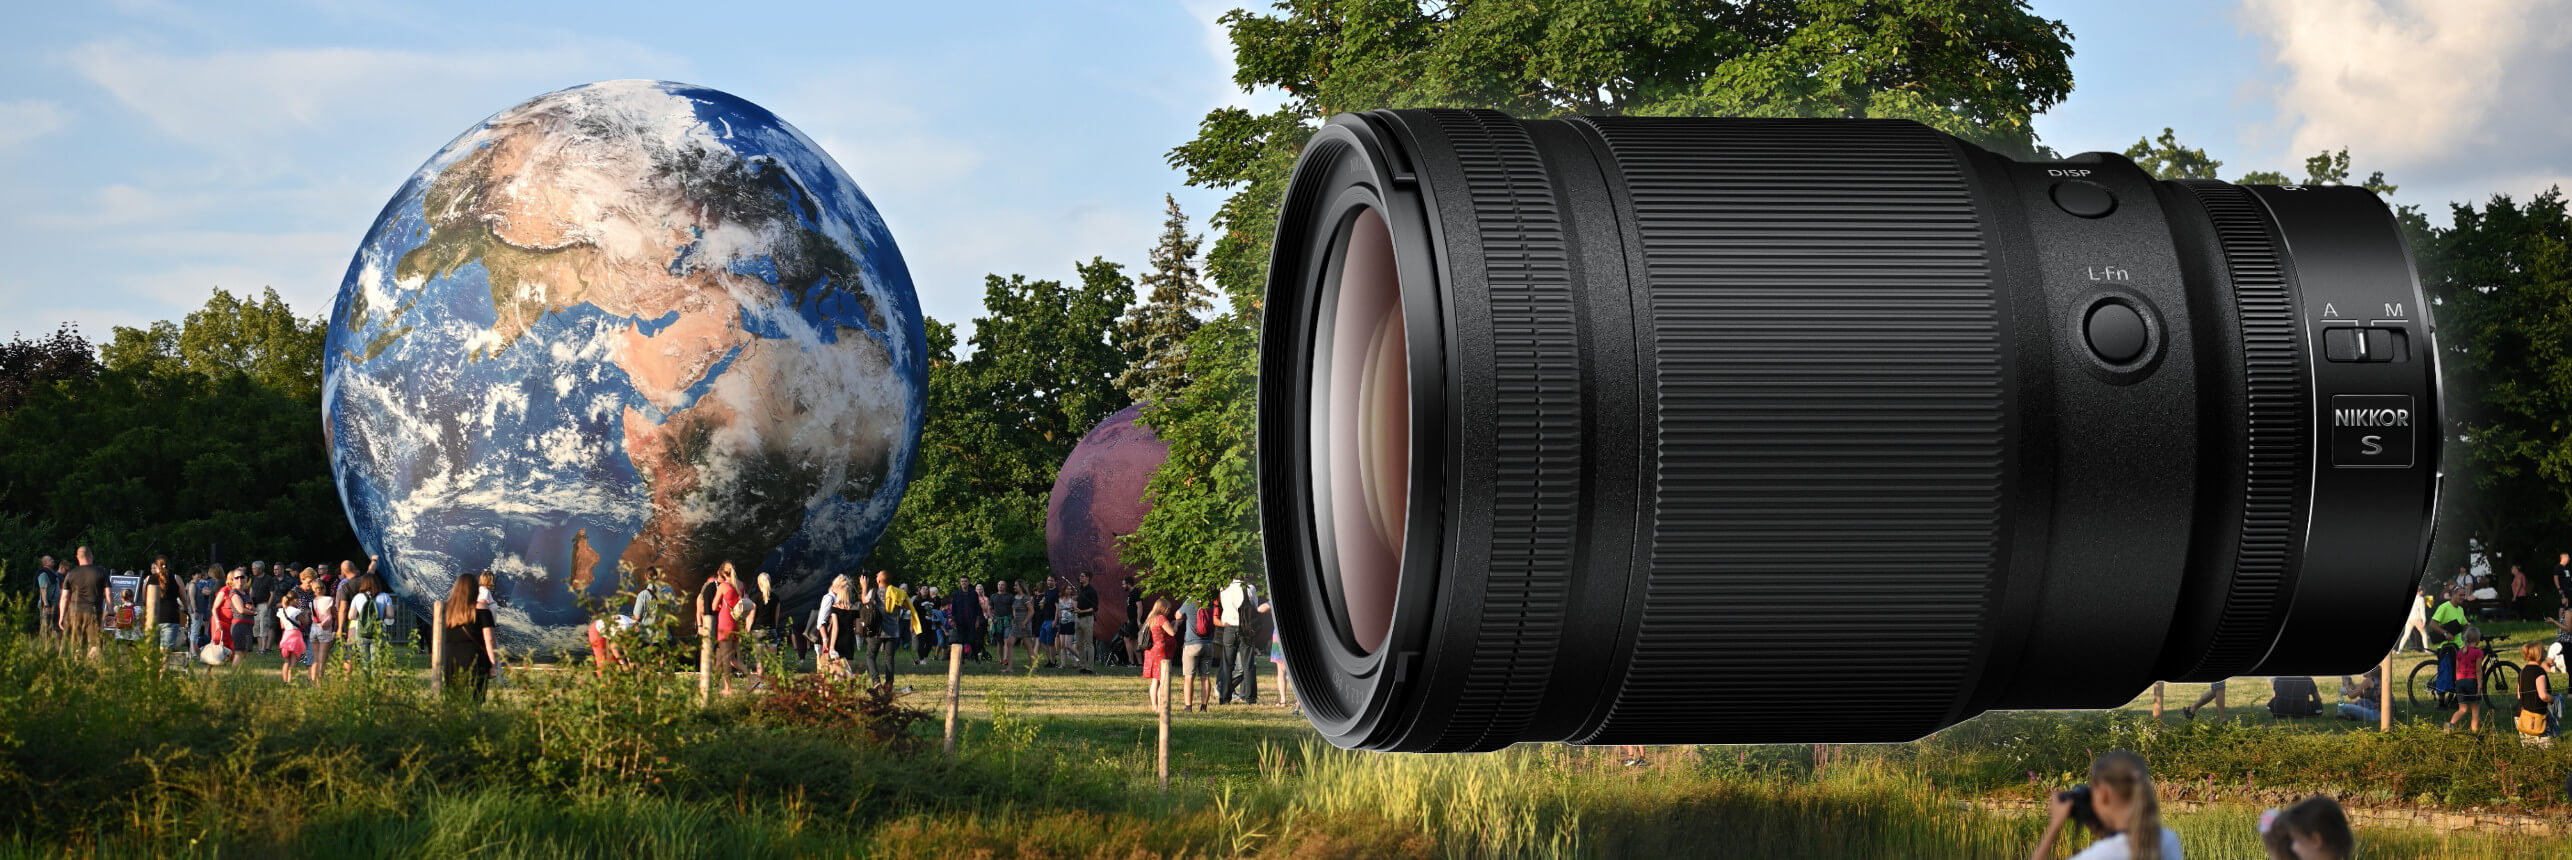 Jeho excelence… Nikkor Z 50 mm f/1,2 S v testu Nikonblogu